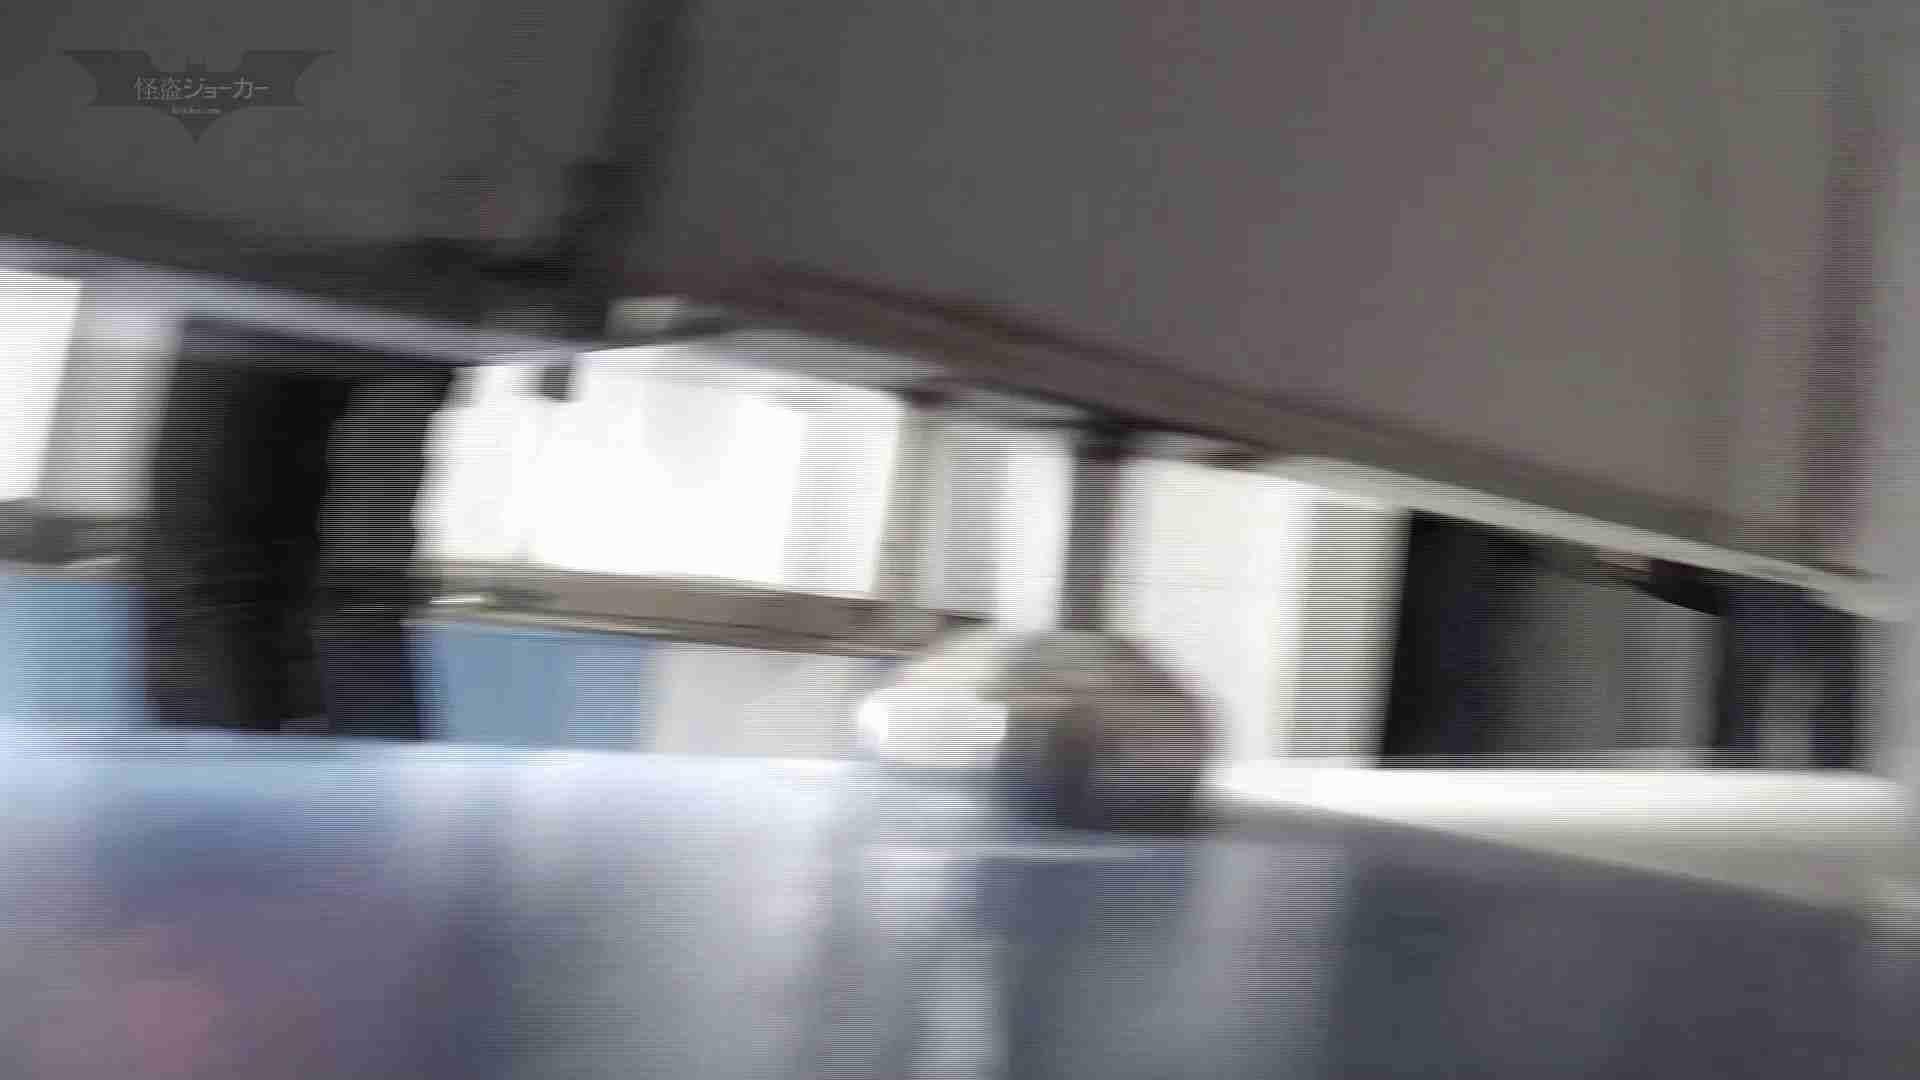 下からノゾム vol.030 びしょびしょの連続、お尻半分濡れるほど、 高画質 | 洗面所  84画像 83